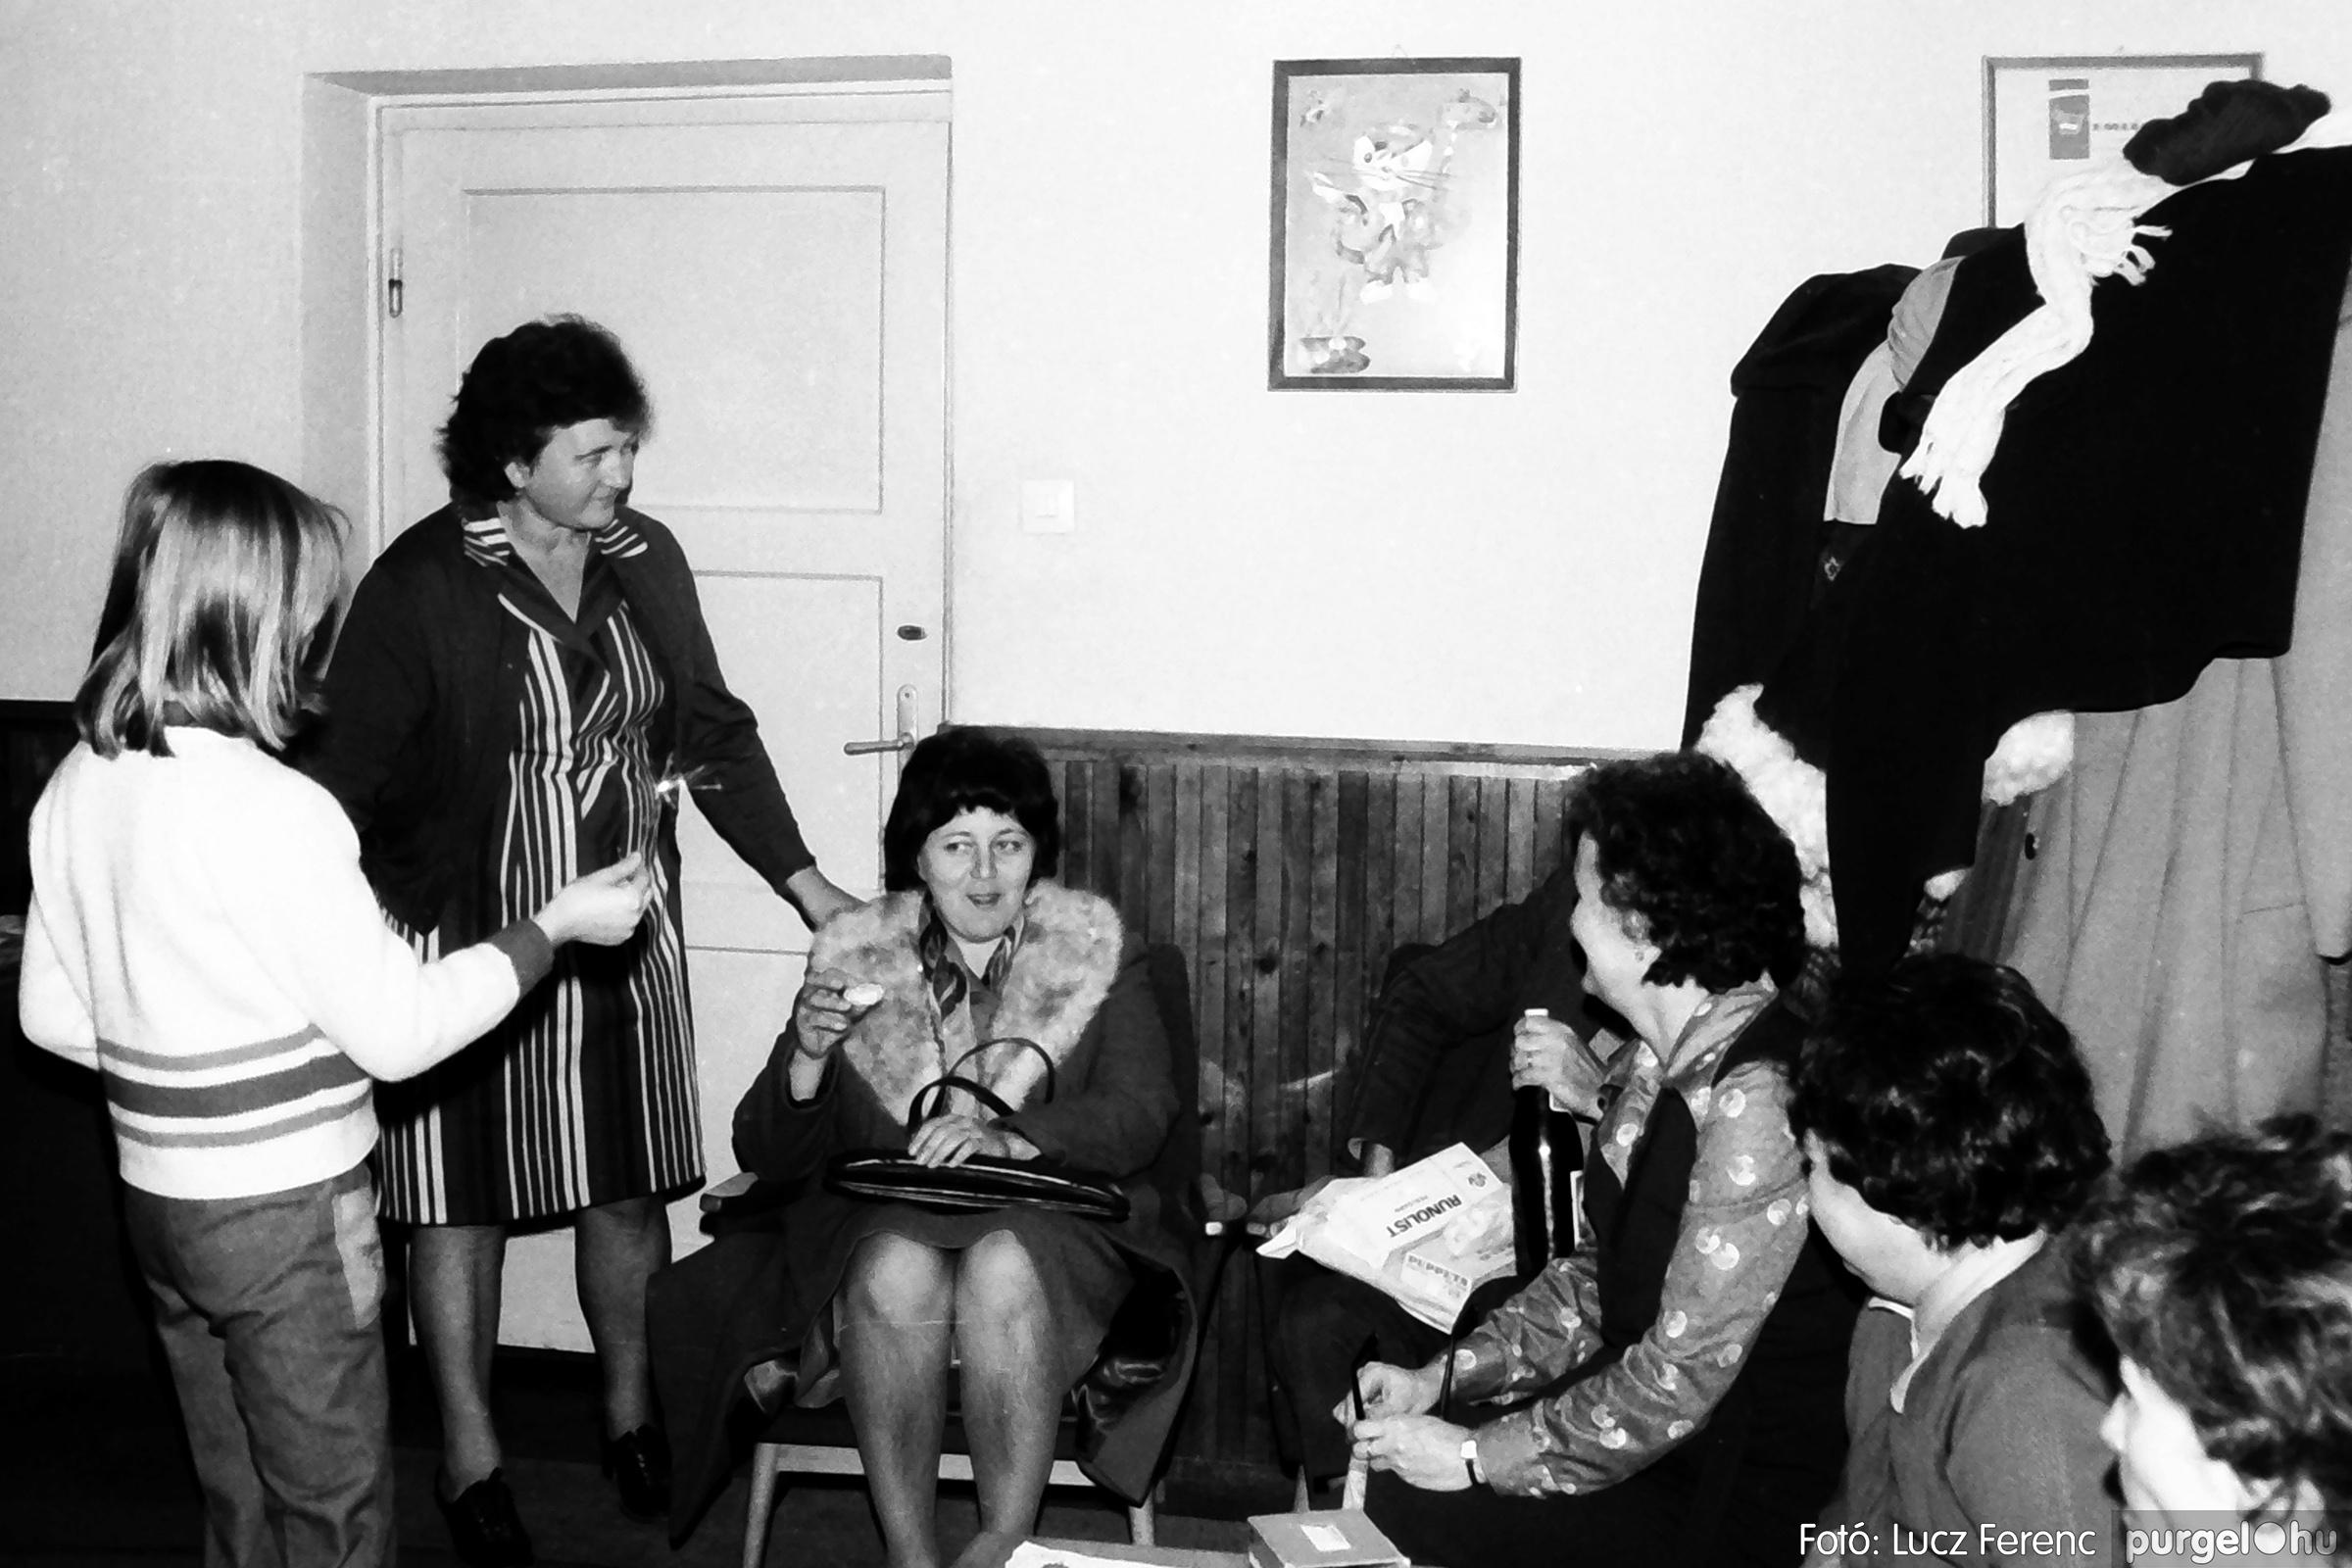 096. 1977. Karácsonyi összejövetel a kultúrházban 020. - Fotó: Lucz Ferenc.jpg